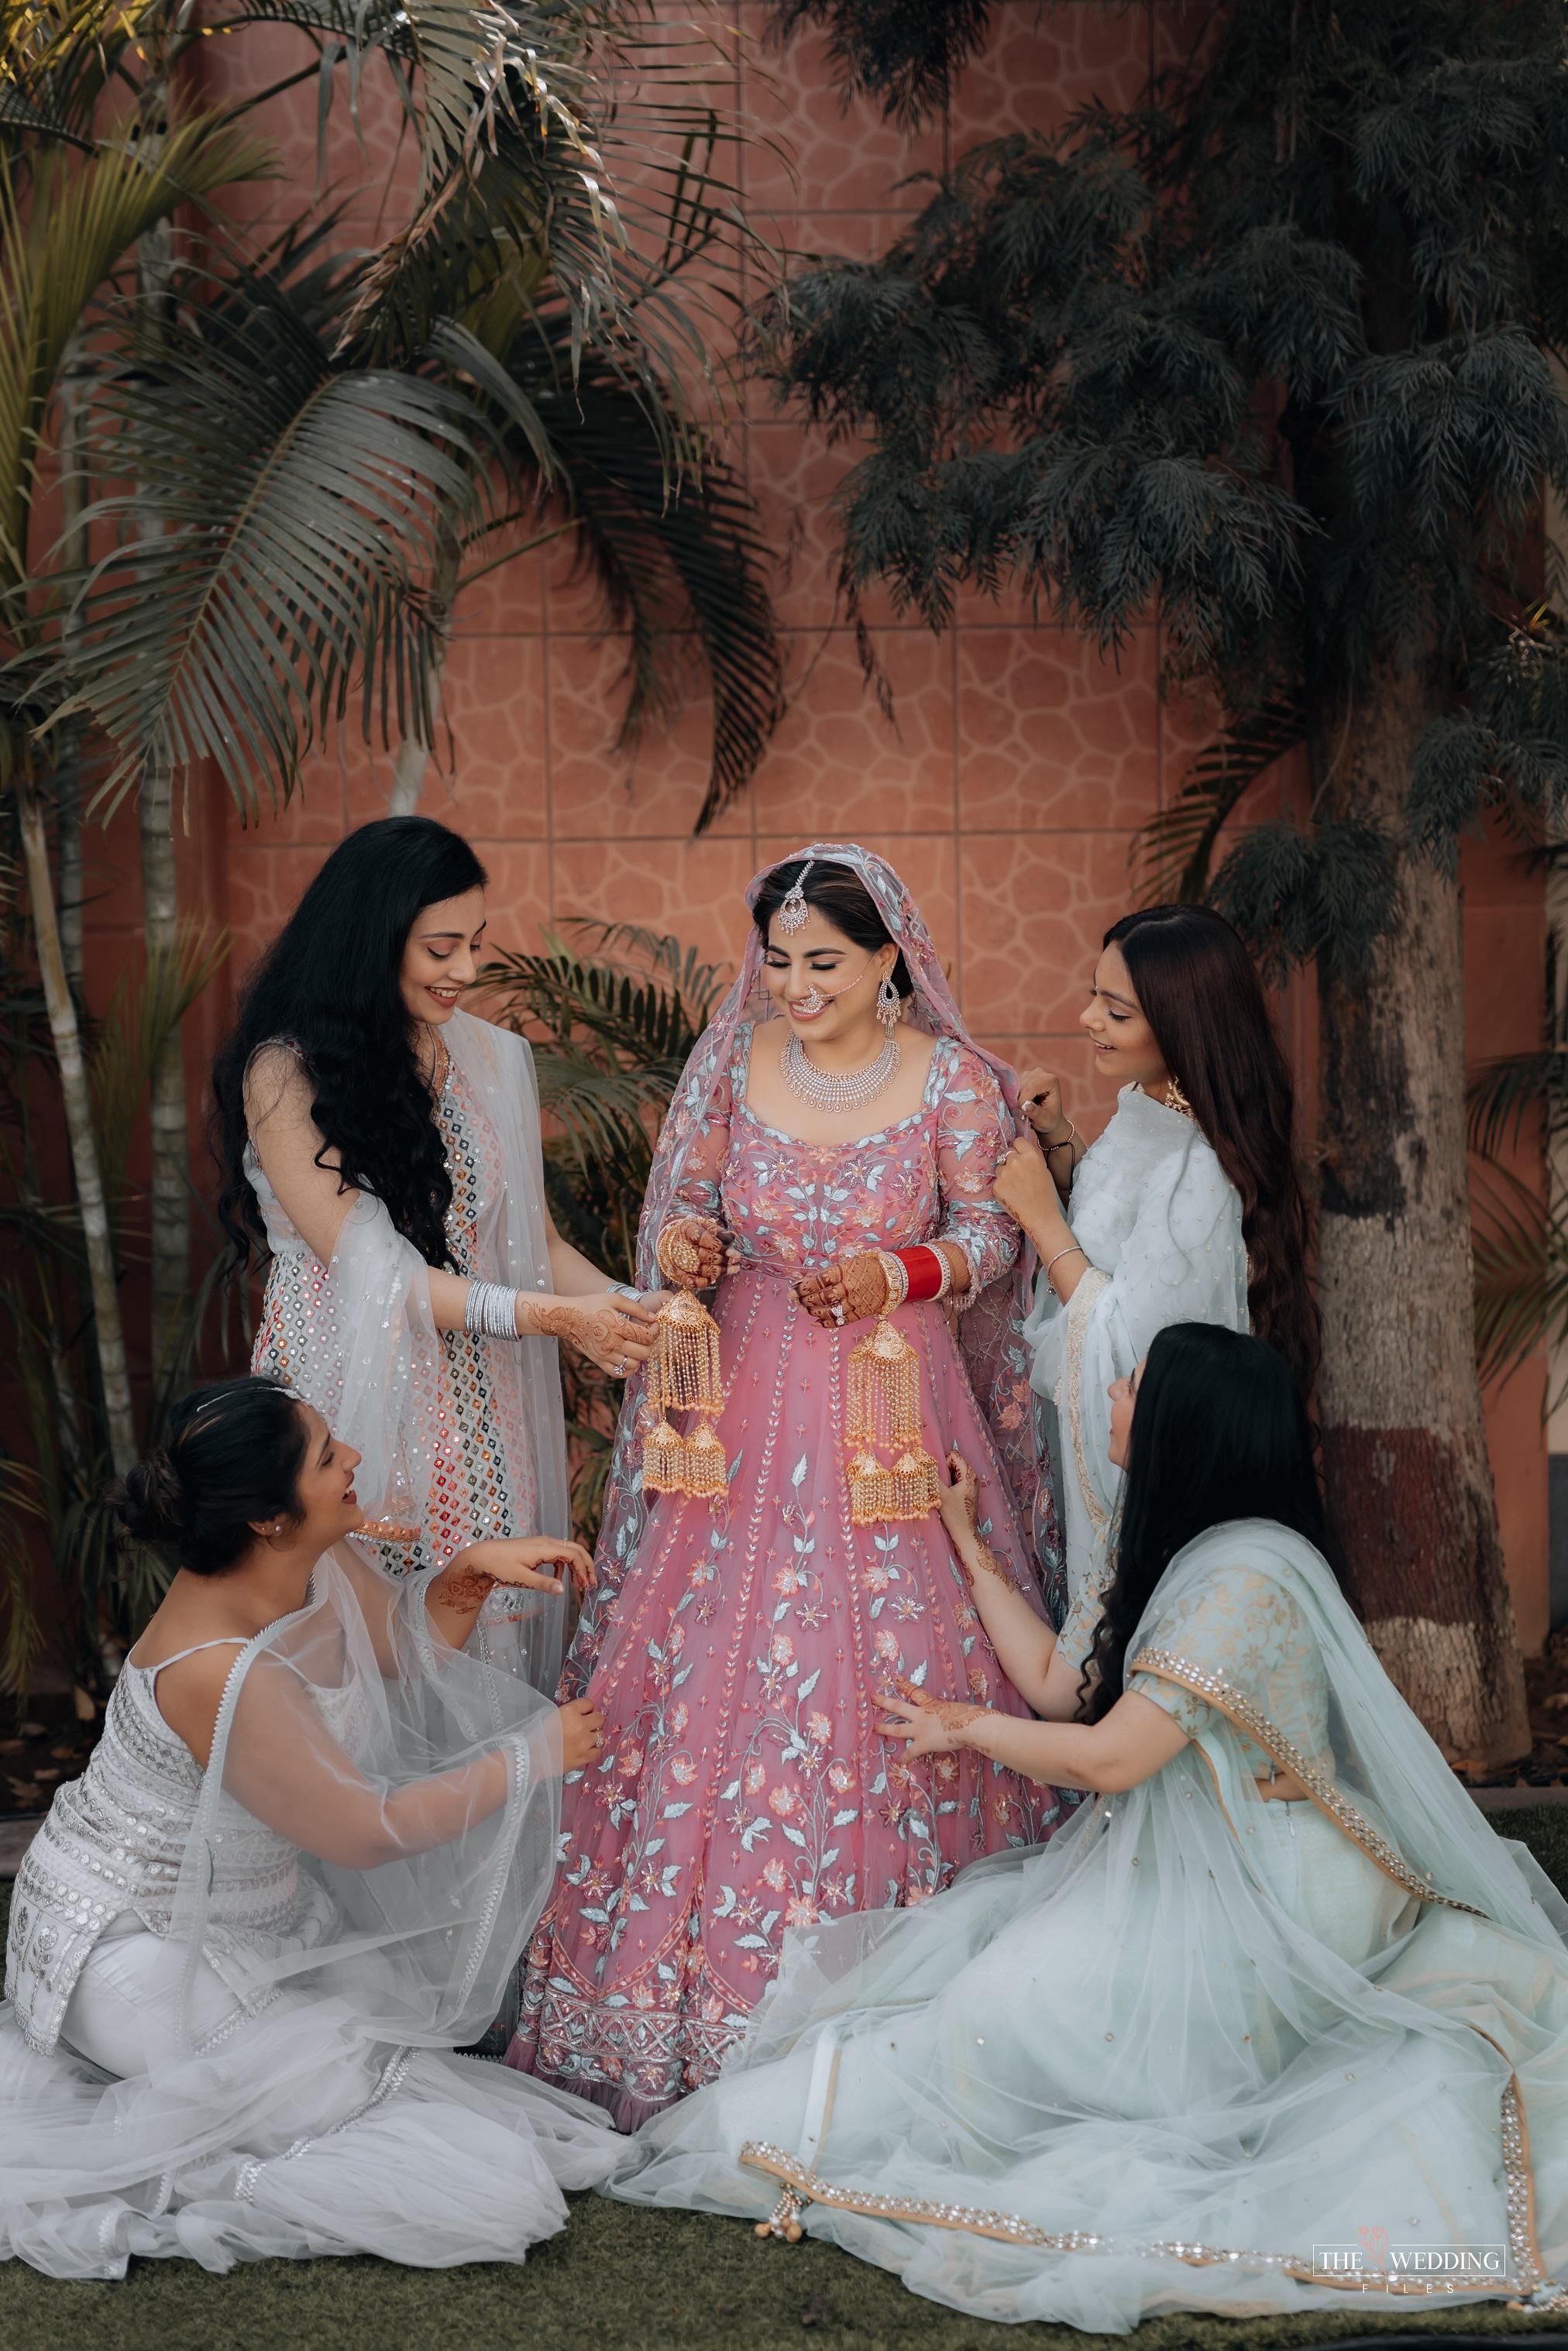 bride with bridesmaid photo